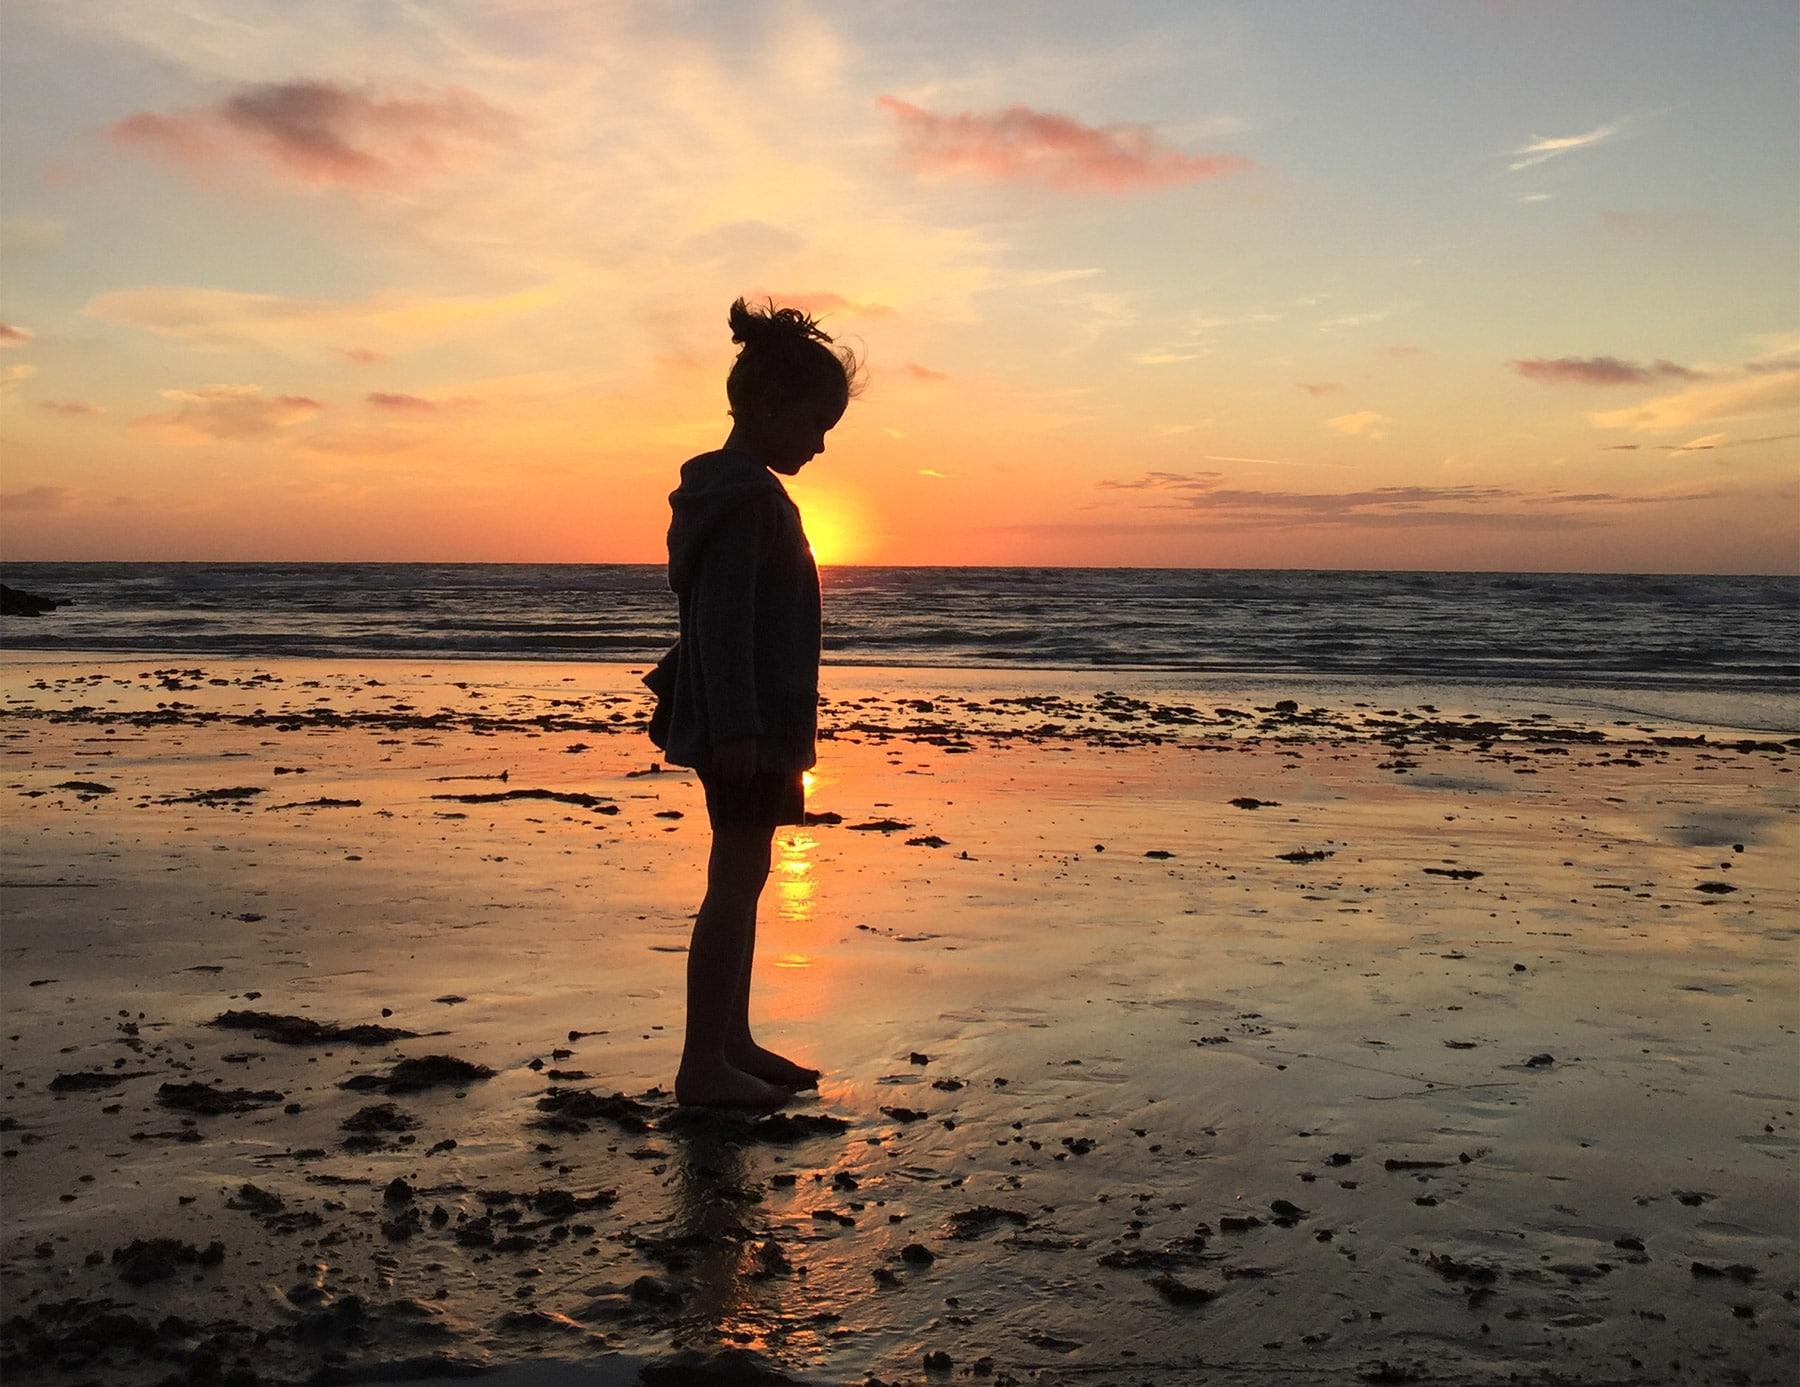 Jente i solnedgang på stranden